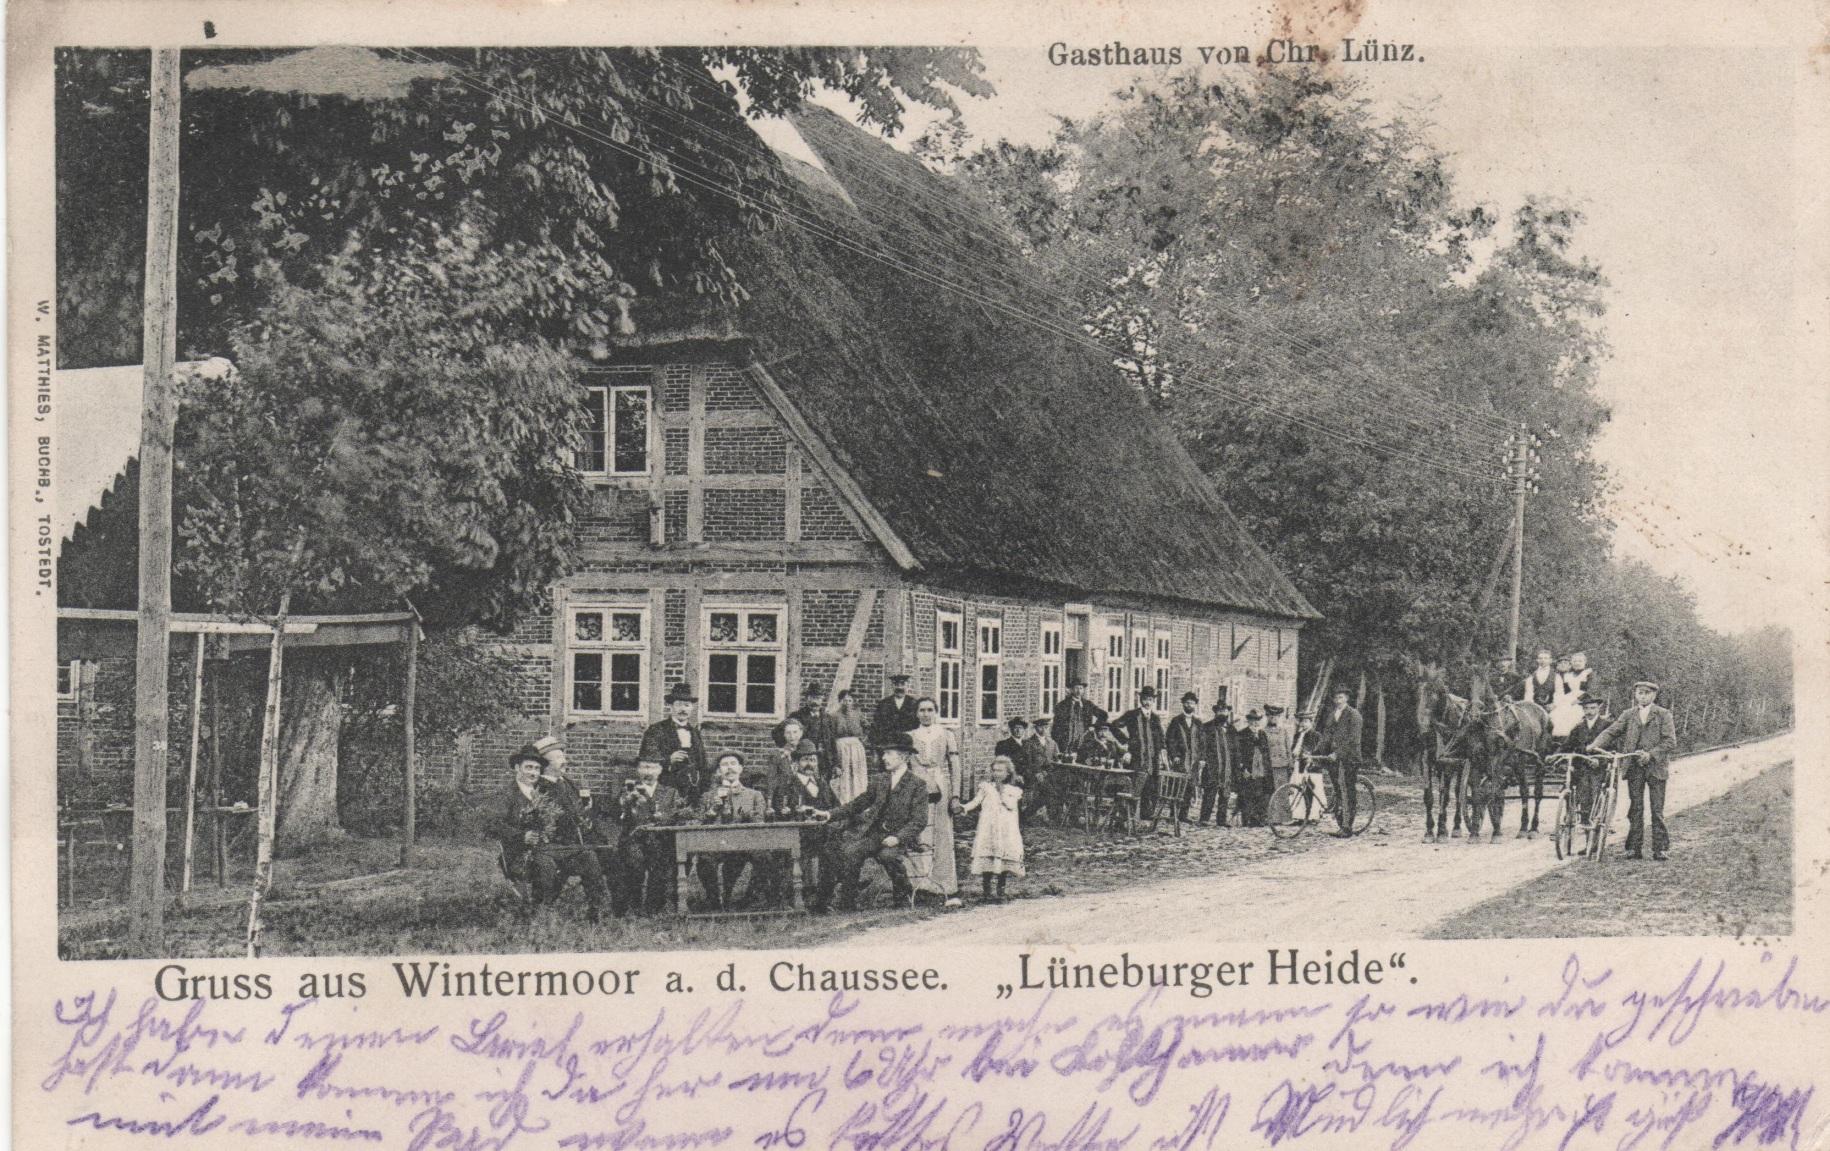 Ansichtskarte Gasthaus Lünz Wintermoor vor 1905